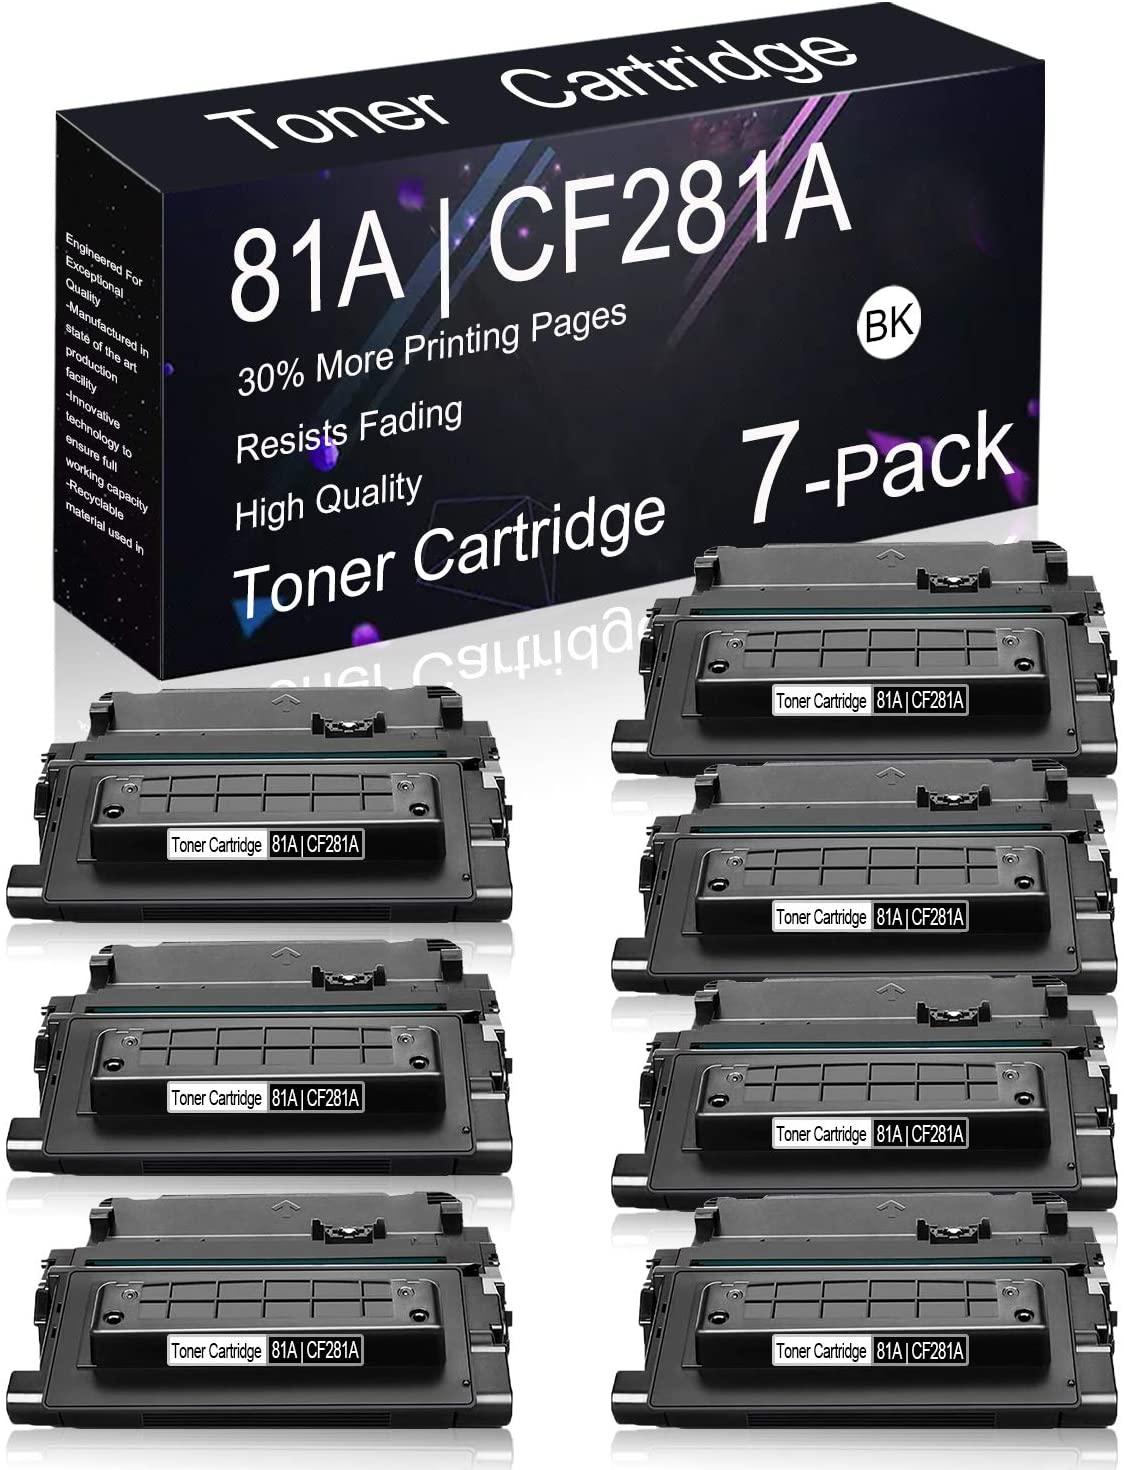 Compatible Toner Cartridge 7 Pack Black 81A | CF281A Replacement for HP Laserjet Enterprise M630h, M606x, M606dn, M605x, M605dn, M604n, M604dn, M630 MFP Series, M606 Series, M605 Series Printers.